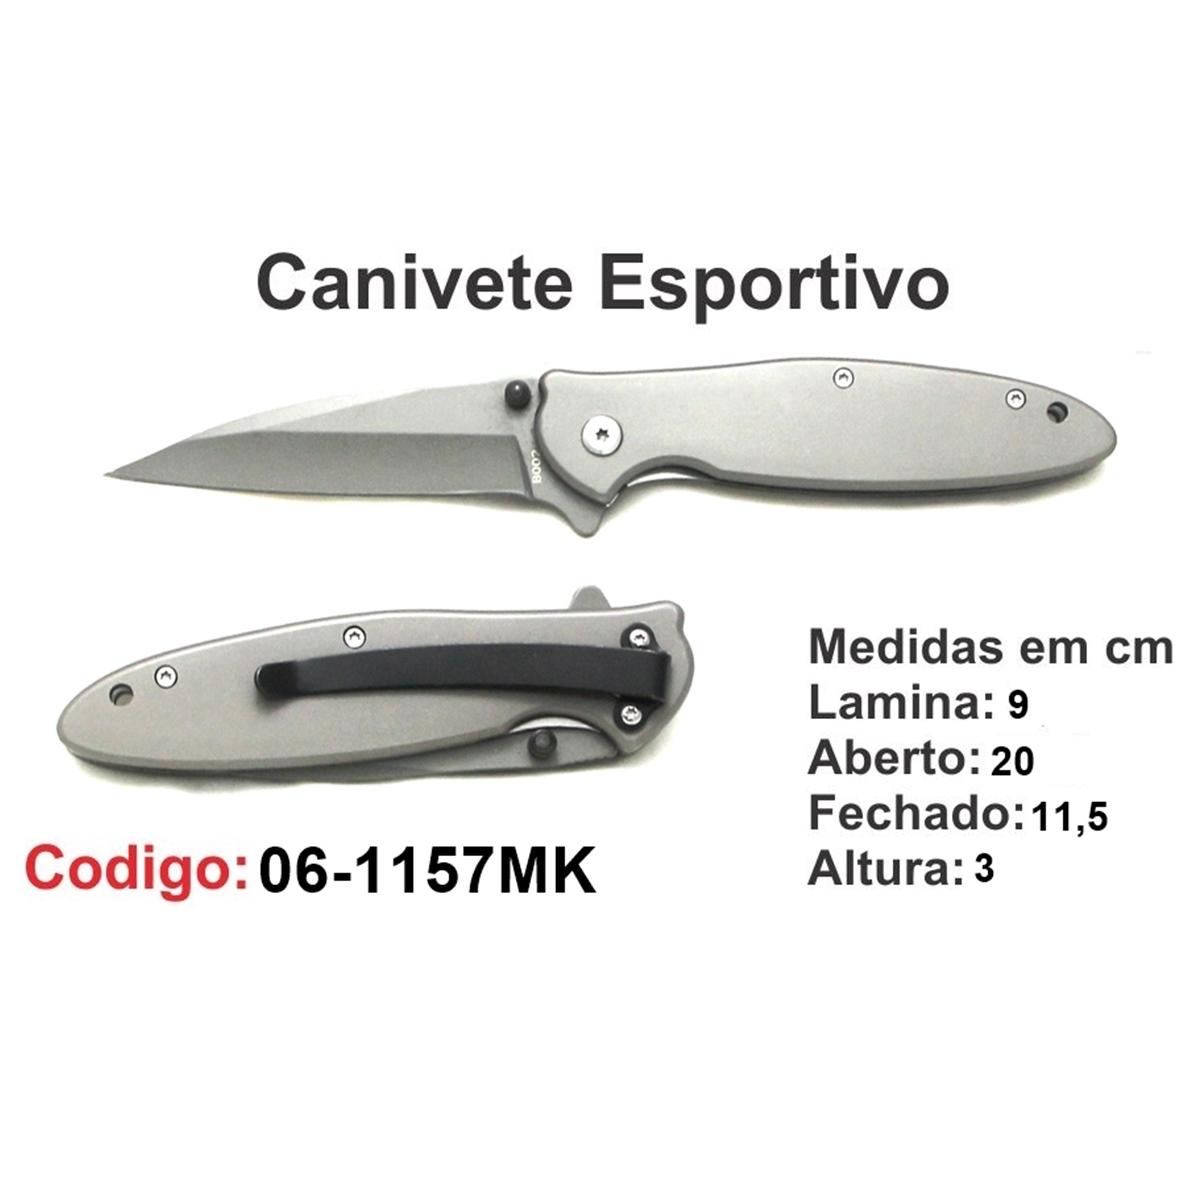 Canivete Esportivo Caça Pesca Etc. 06-1157MK